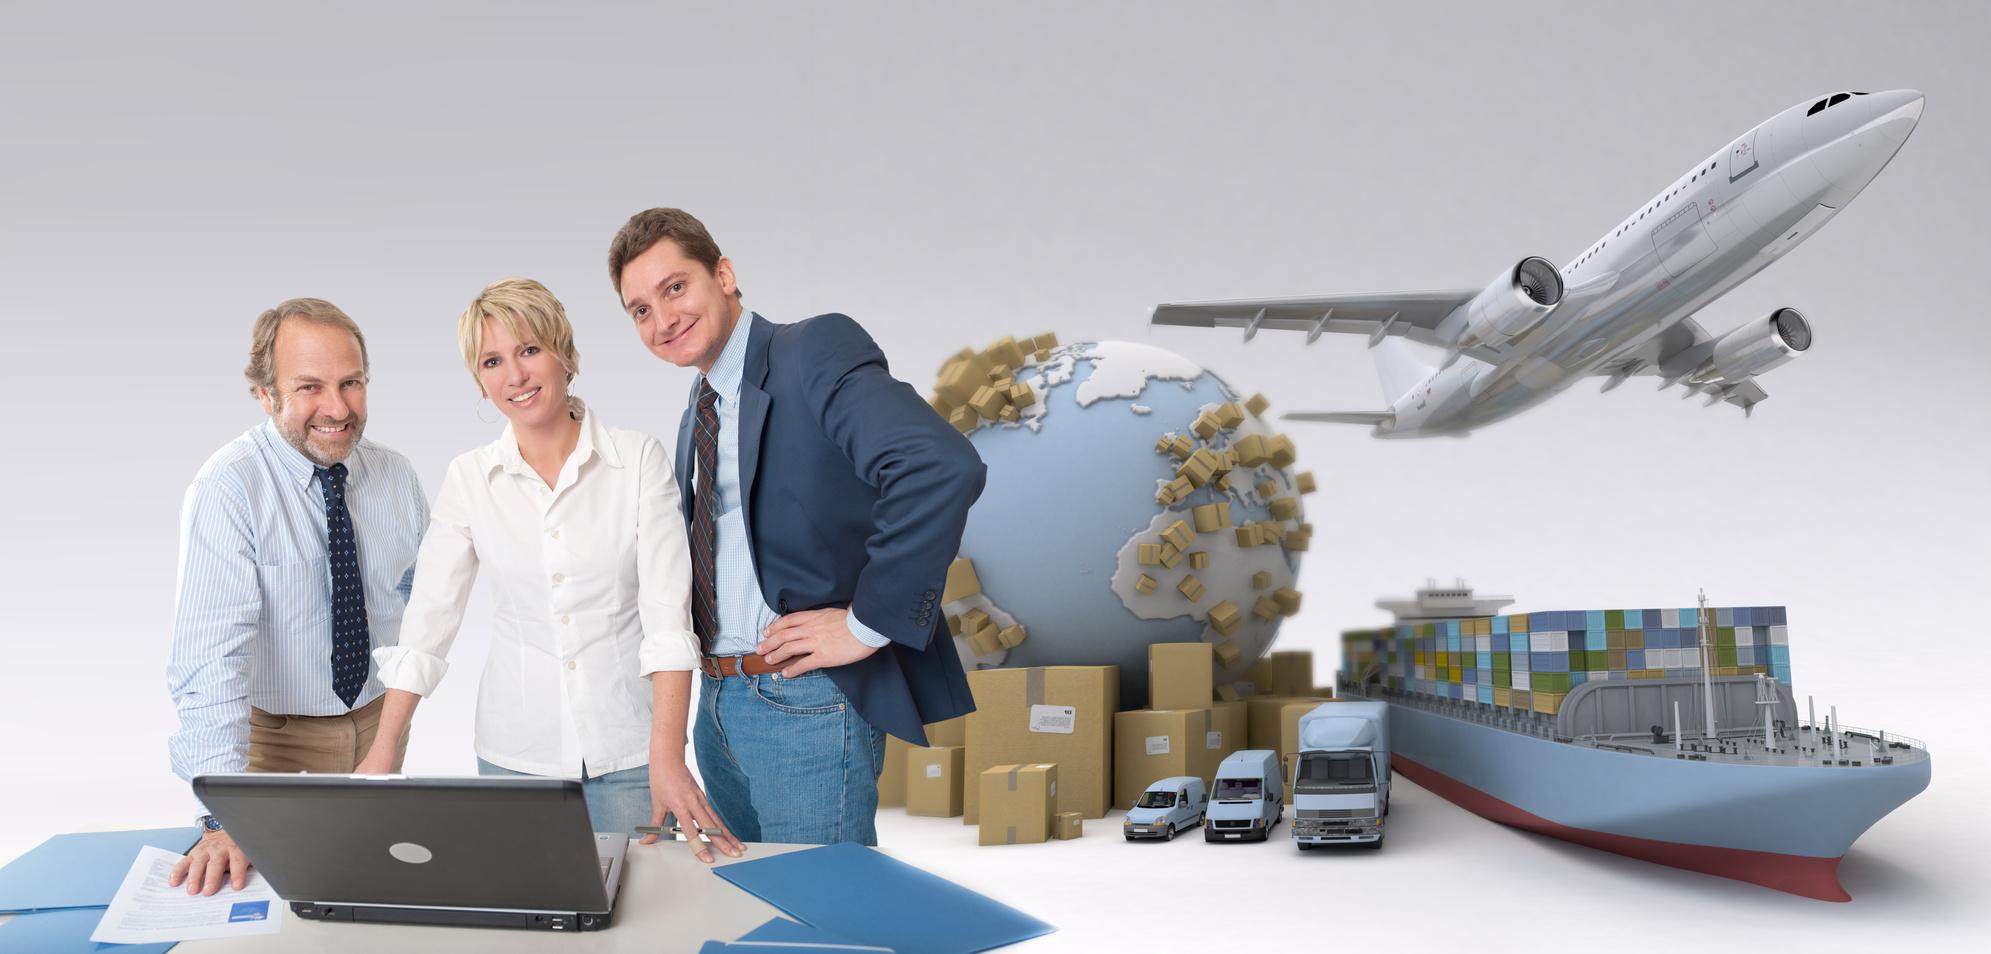 Wir führen Ihr Unternehmen in eine neue effektive Logistik- und Transportdimension.